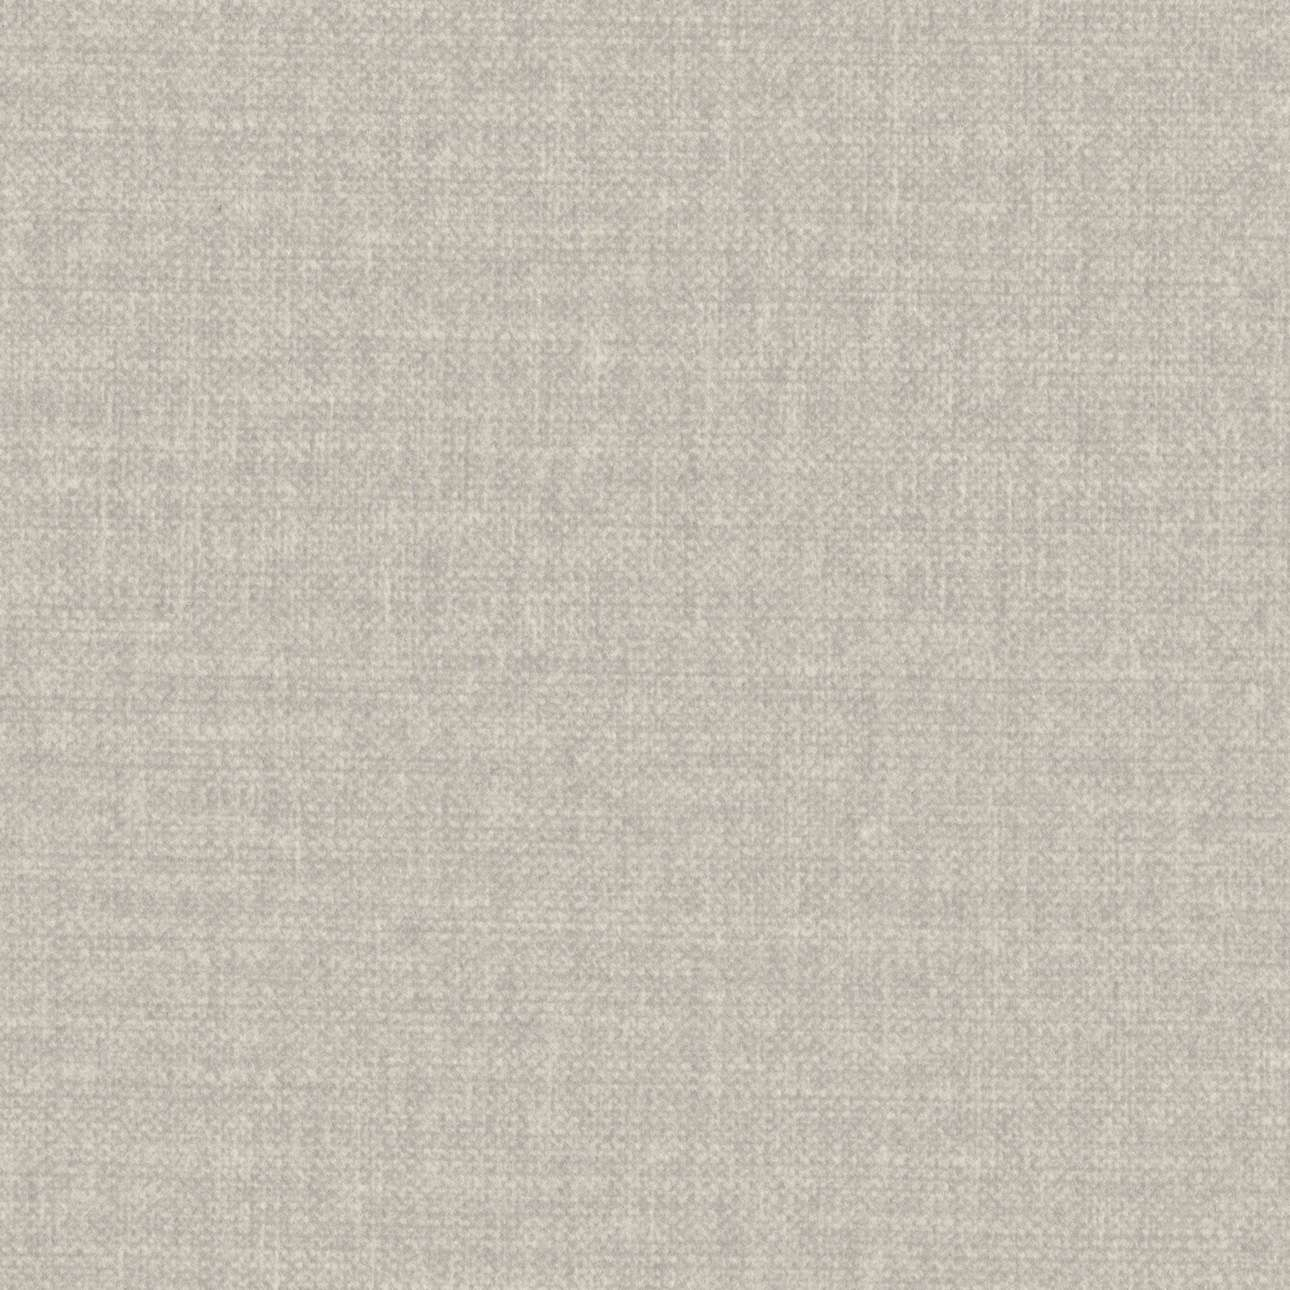 Pokrowiec na szezlong/ leżankę Ektorp wolnostojący prosty tył w kolekcji Ingrid, tkanina: 705-40